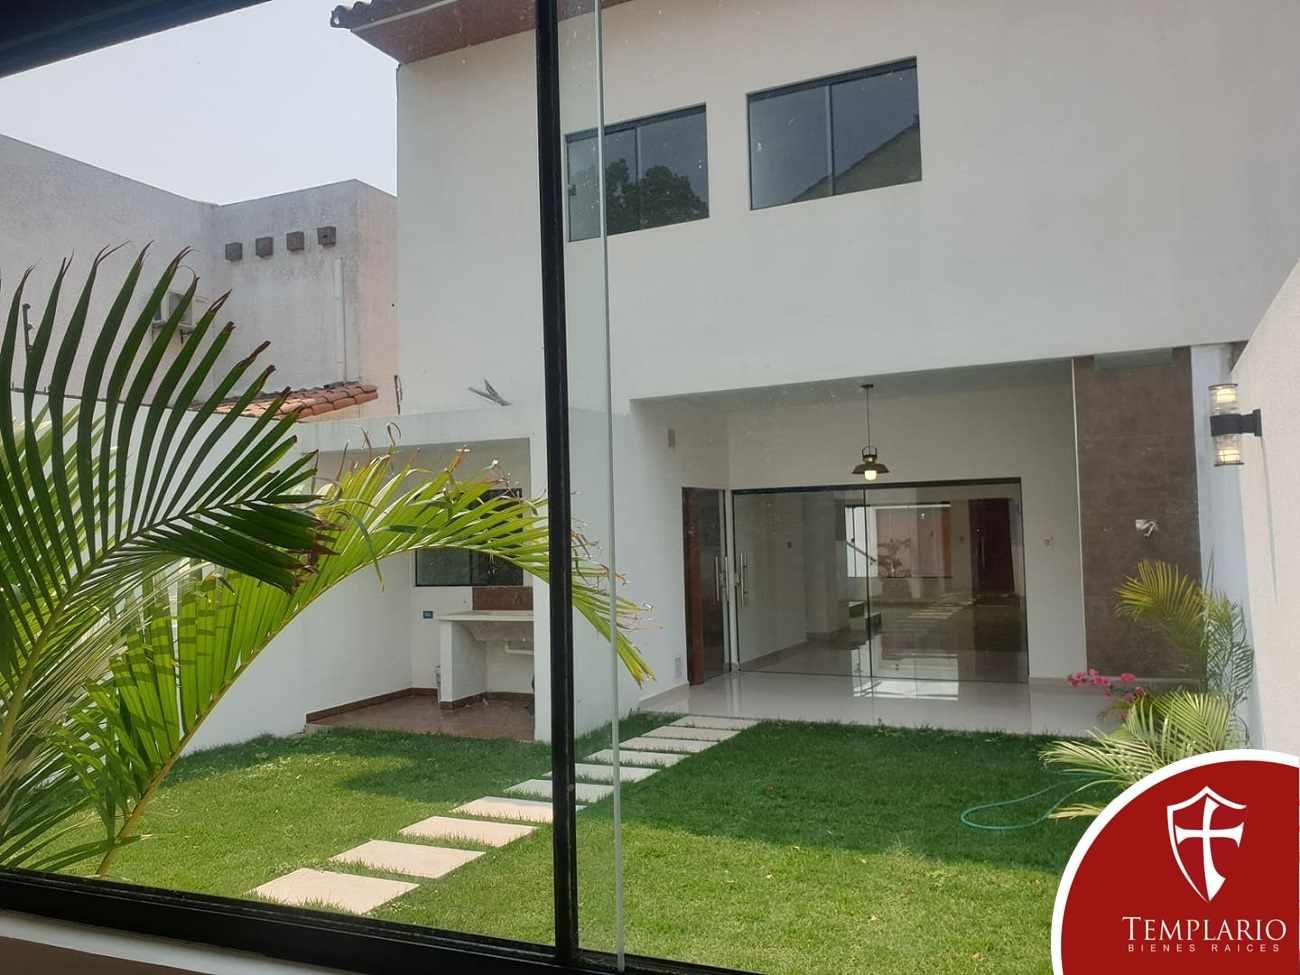 Casa en Venta Av. Santos Dumont 3er y 4to Anillo - Vecindario Residencial Foto 6